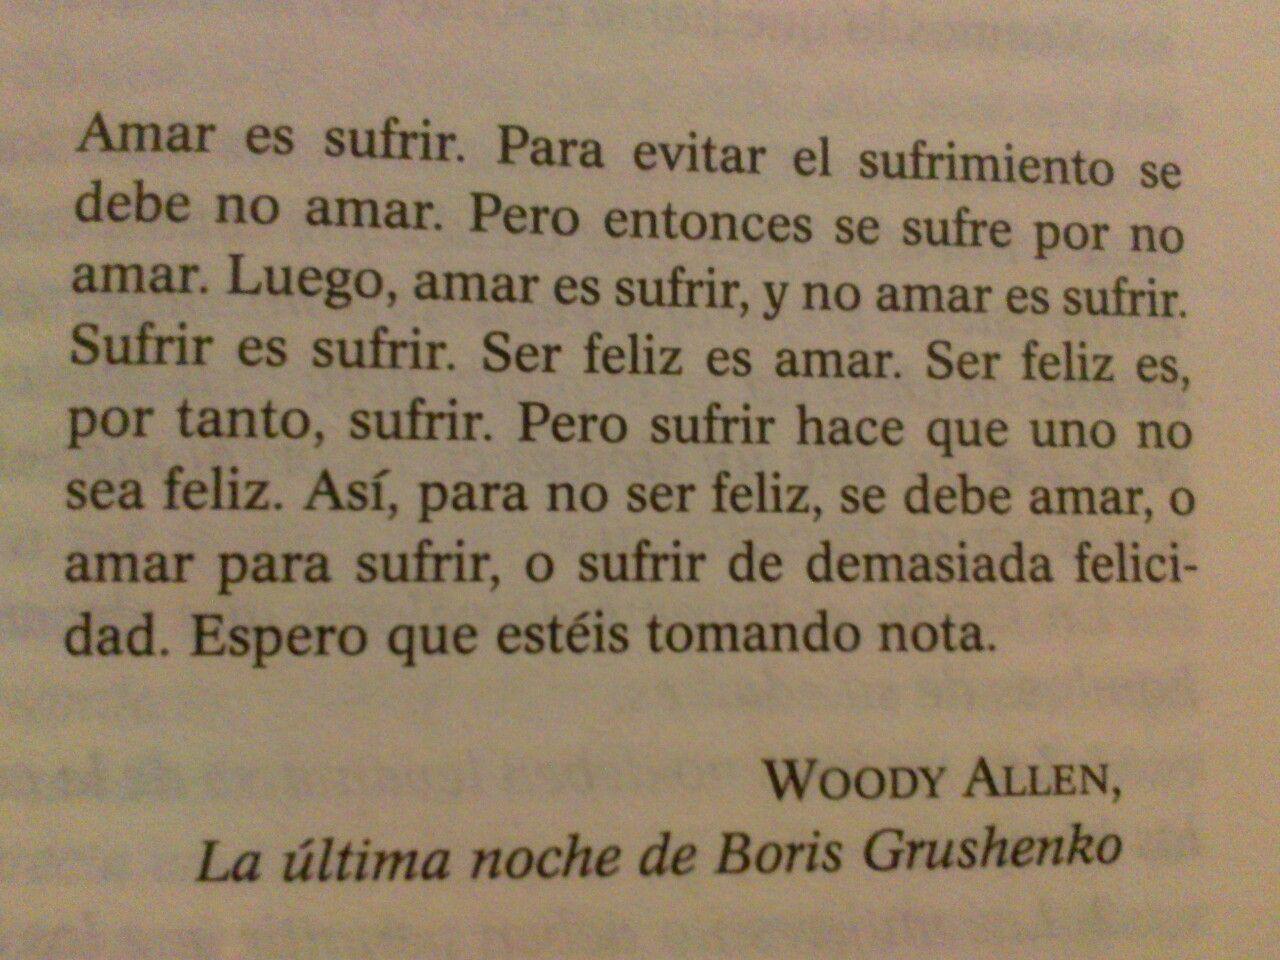 Woody Allen How True Me Hace Reir Te Amo Como Eres